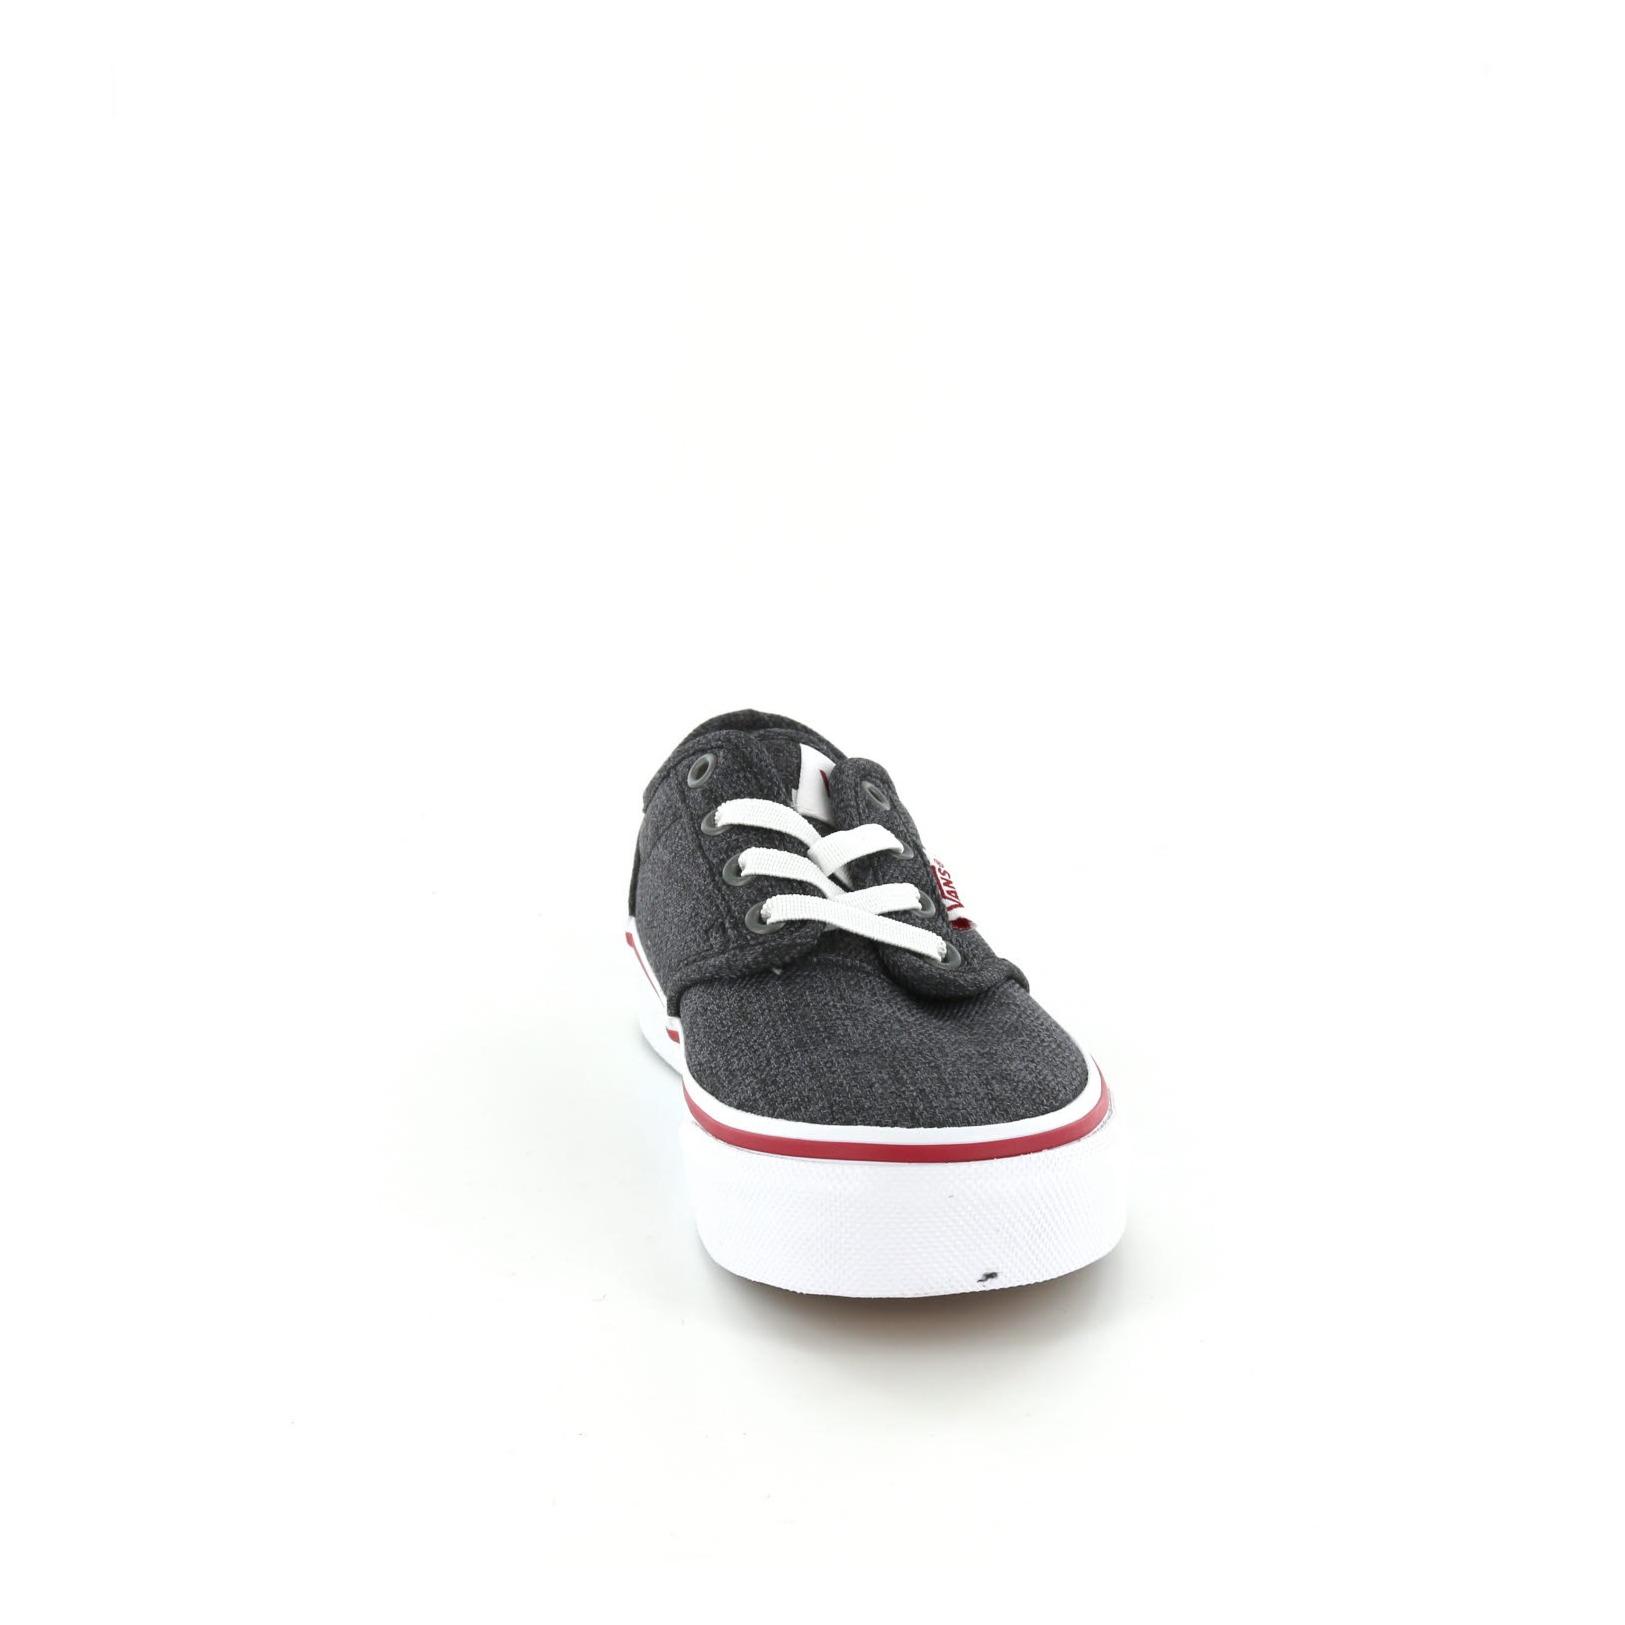 vans schoenen brugge